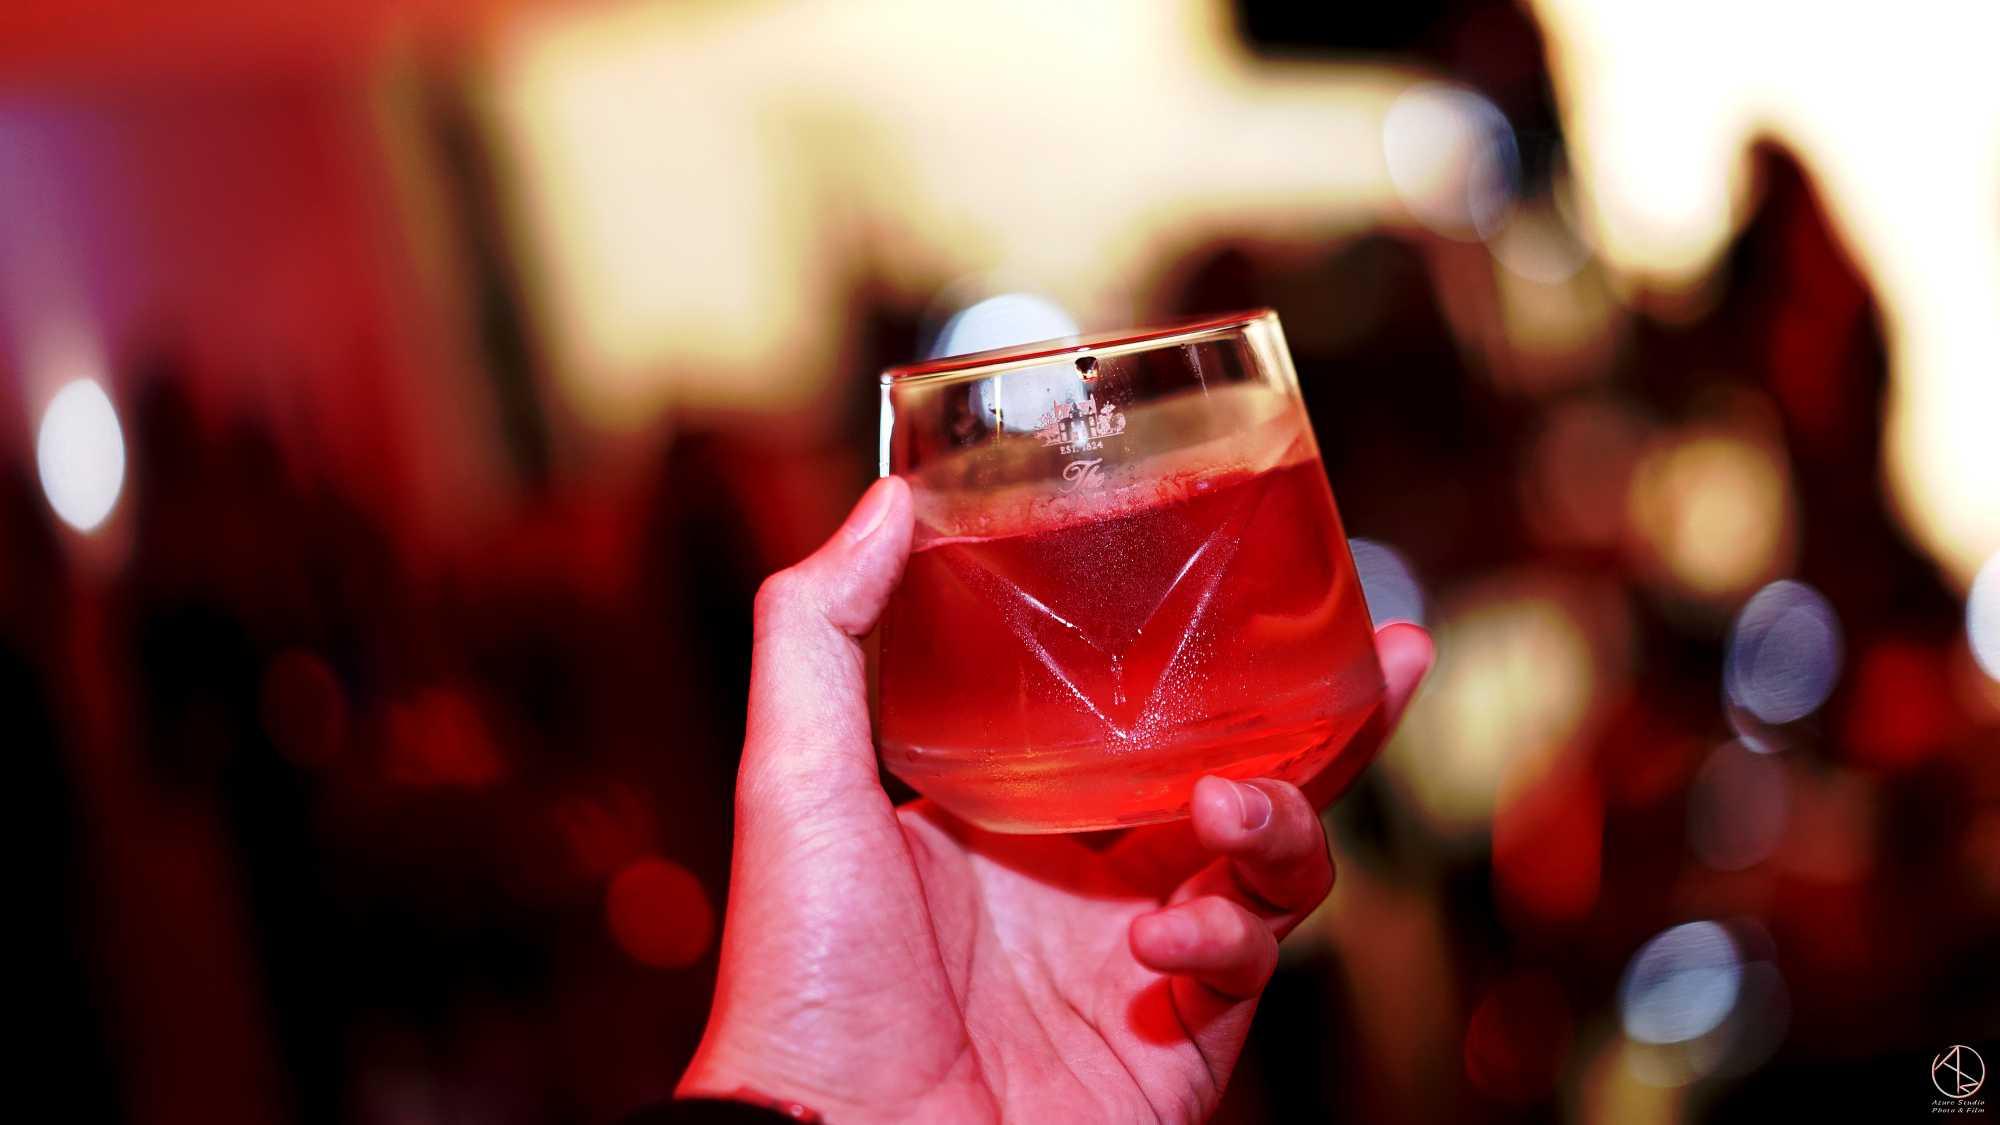 精緻調酒 at alexanderwang品牌發表會2019微風南山